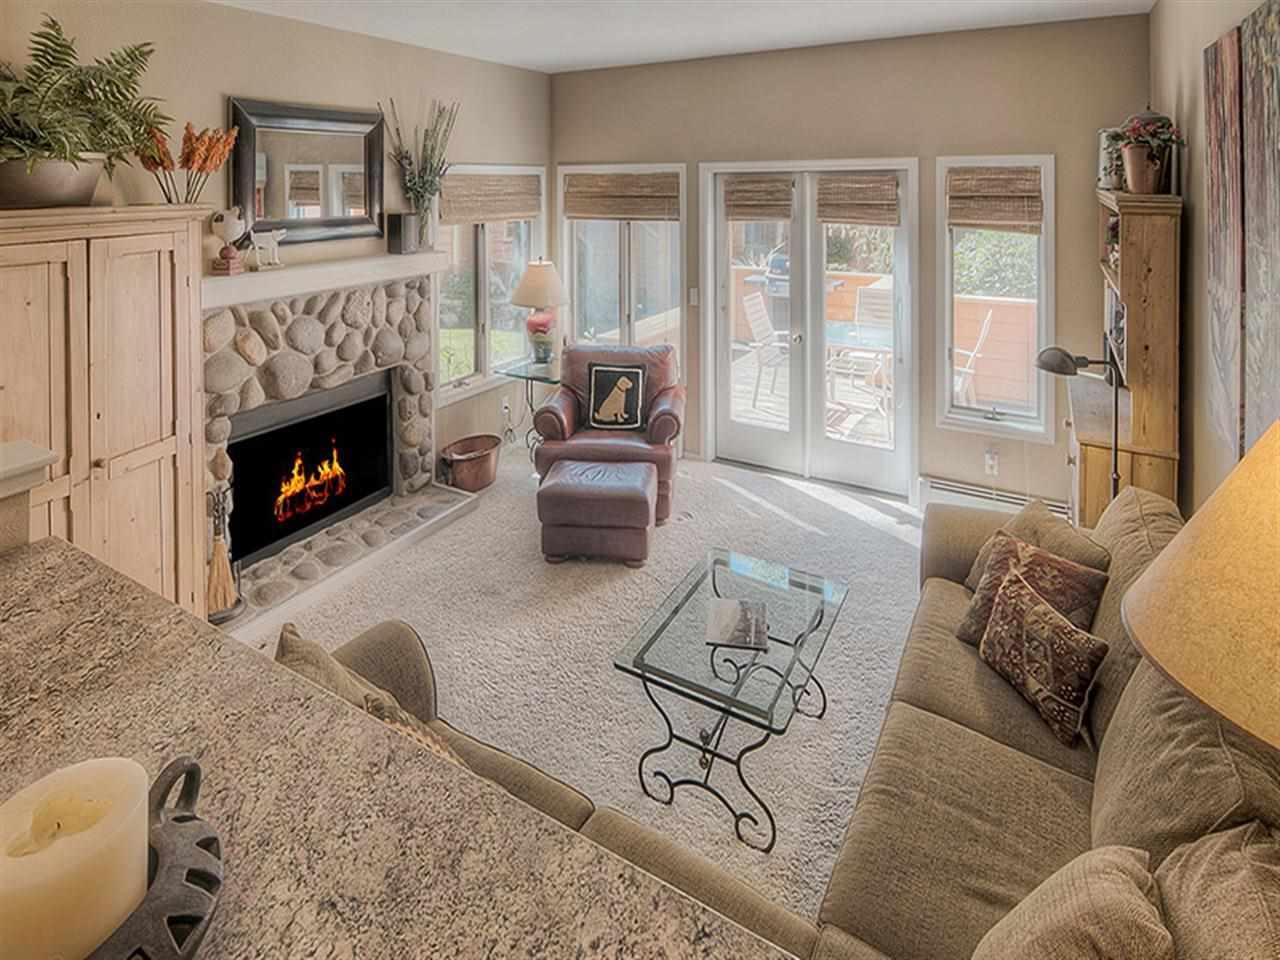 公寓 / 联排别墅 为 销售 在 120 Village Boulevard Incline Village, 内华达州 89451 美国